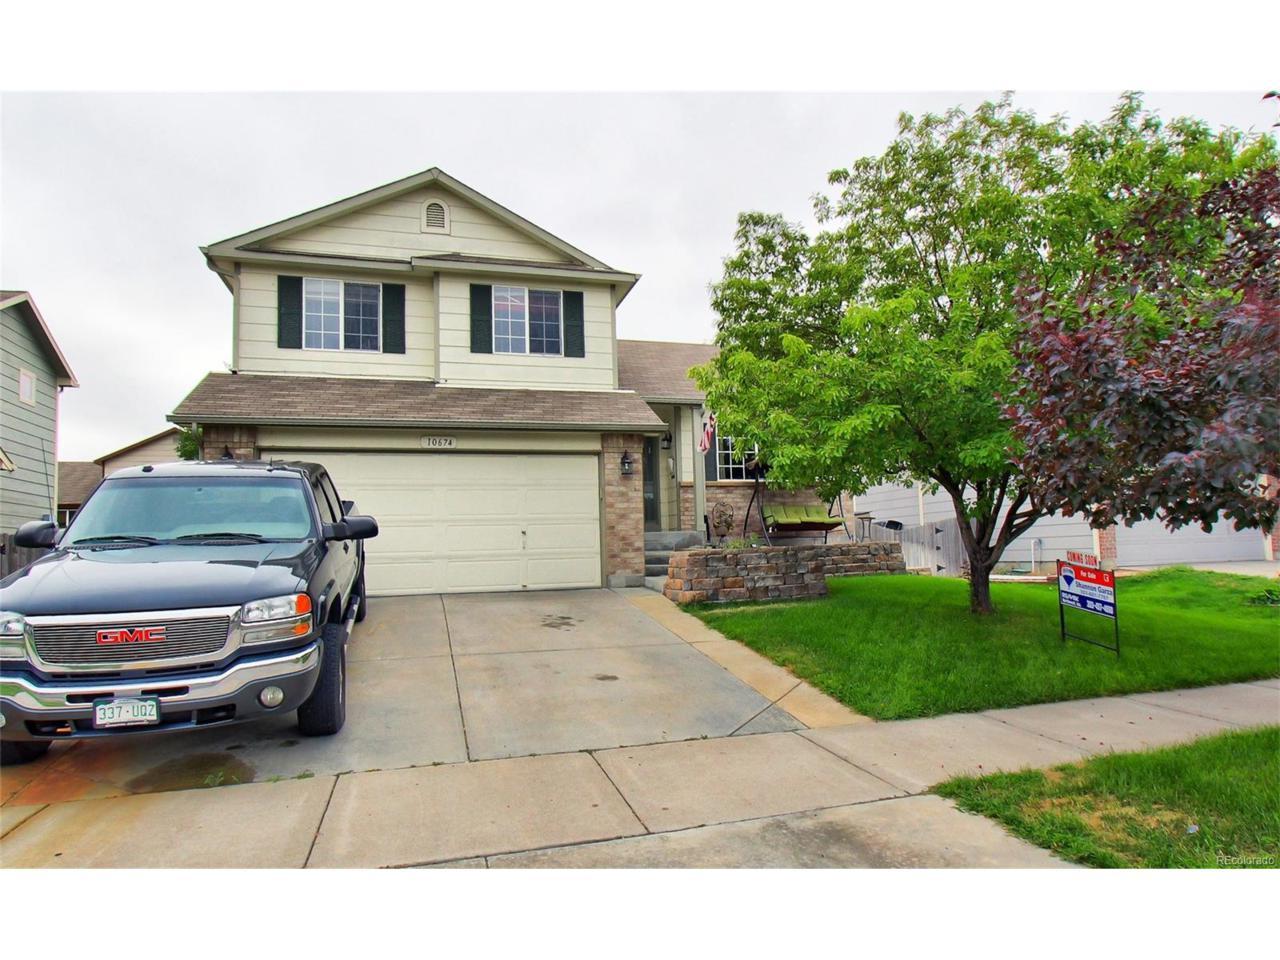 10674 E 113th Avenue, Henderson, CO 80640 (MLS #2107286) :: 8z Real Estate